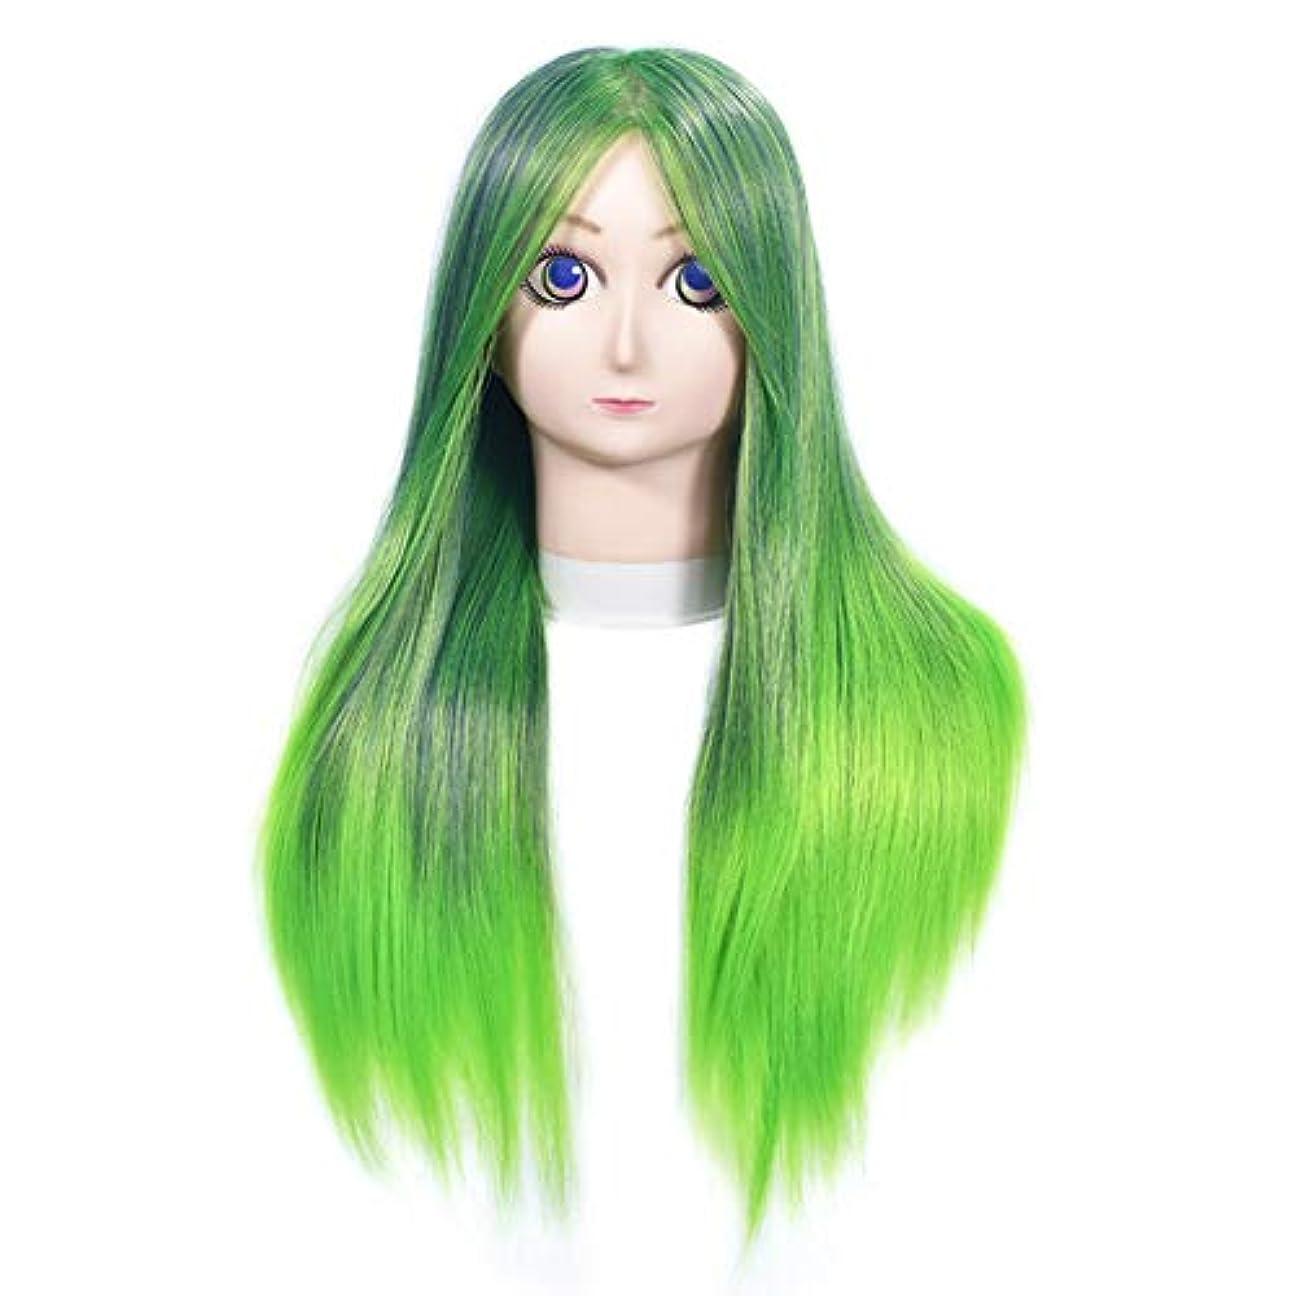 十代の若者たち飲食店適用する高温シルクヘアスタイリングモデルヘッド女性モデルヘッドティーチングヘッド理髪店編組髪染め学習ダミーヘッド,gradientgreen